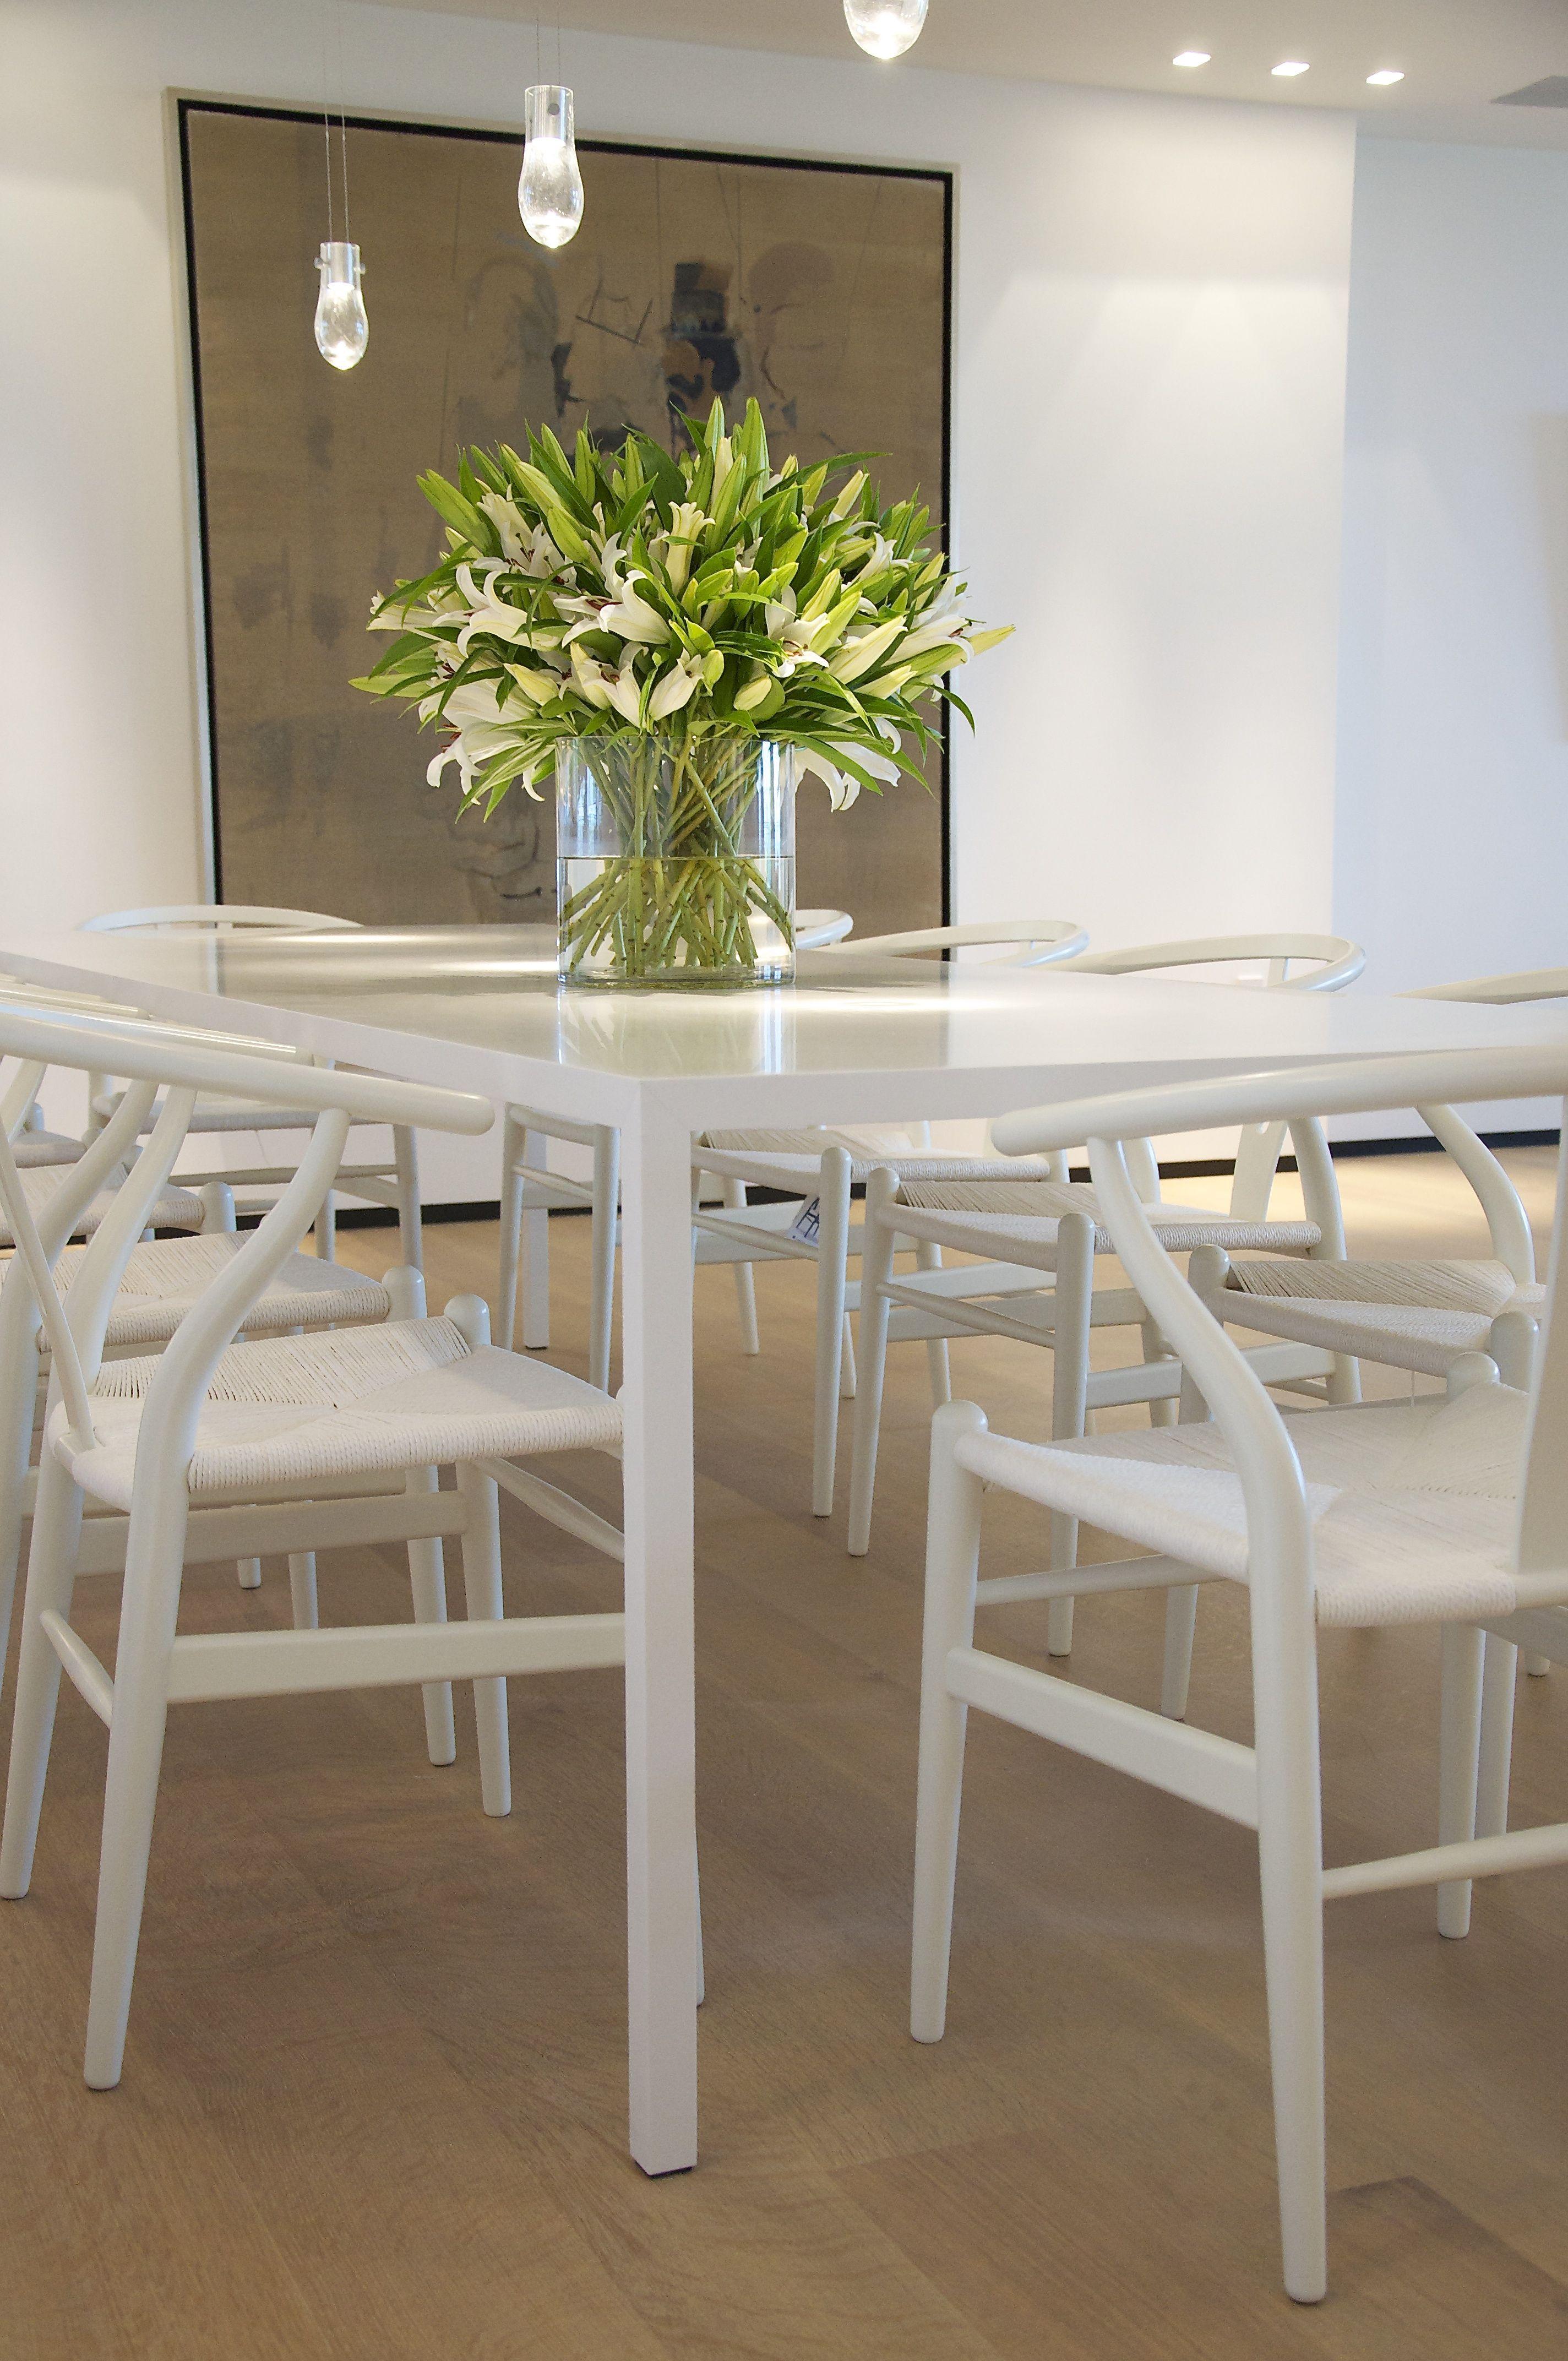 Des Chaises Design Chaises De Table Decoration D Interieur Salle